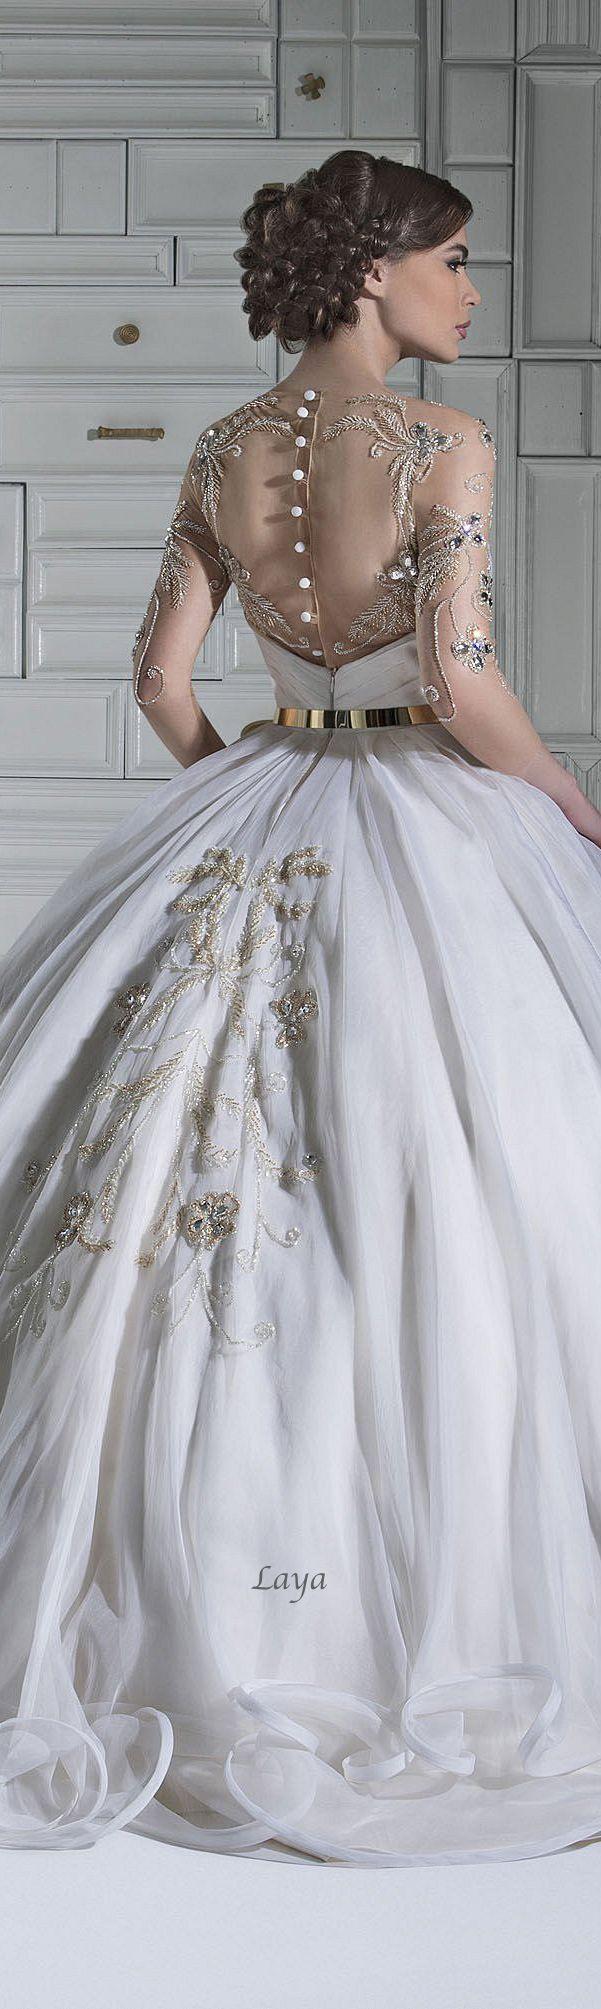 Pour une robe d'un autre style